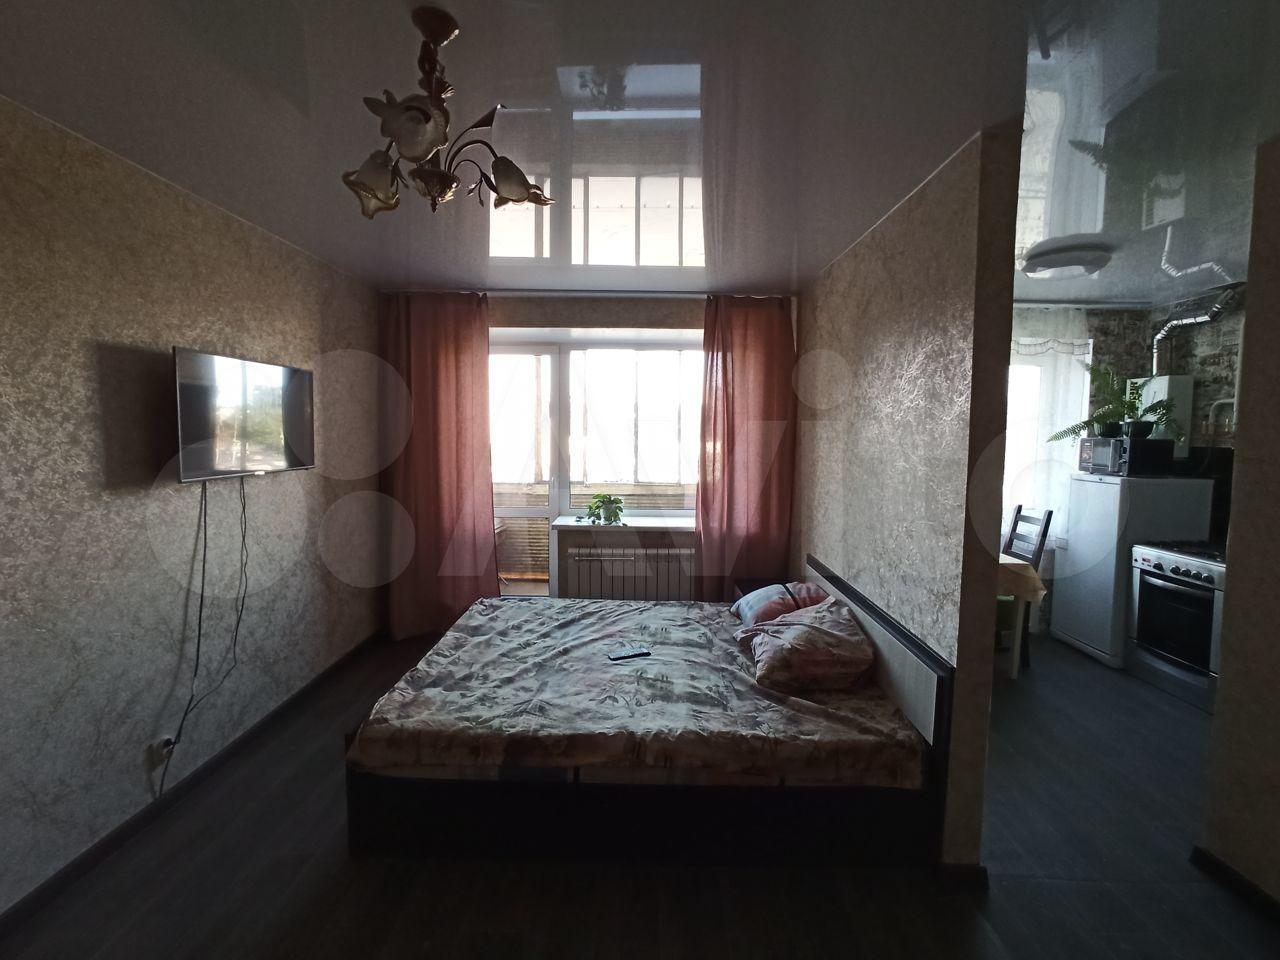 2-к квартира, 48 м², 3/4 эт.  89537365317 купить 1